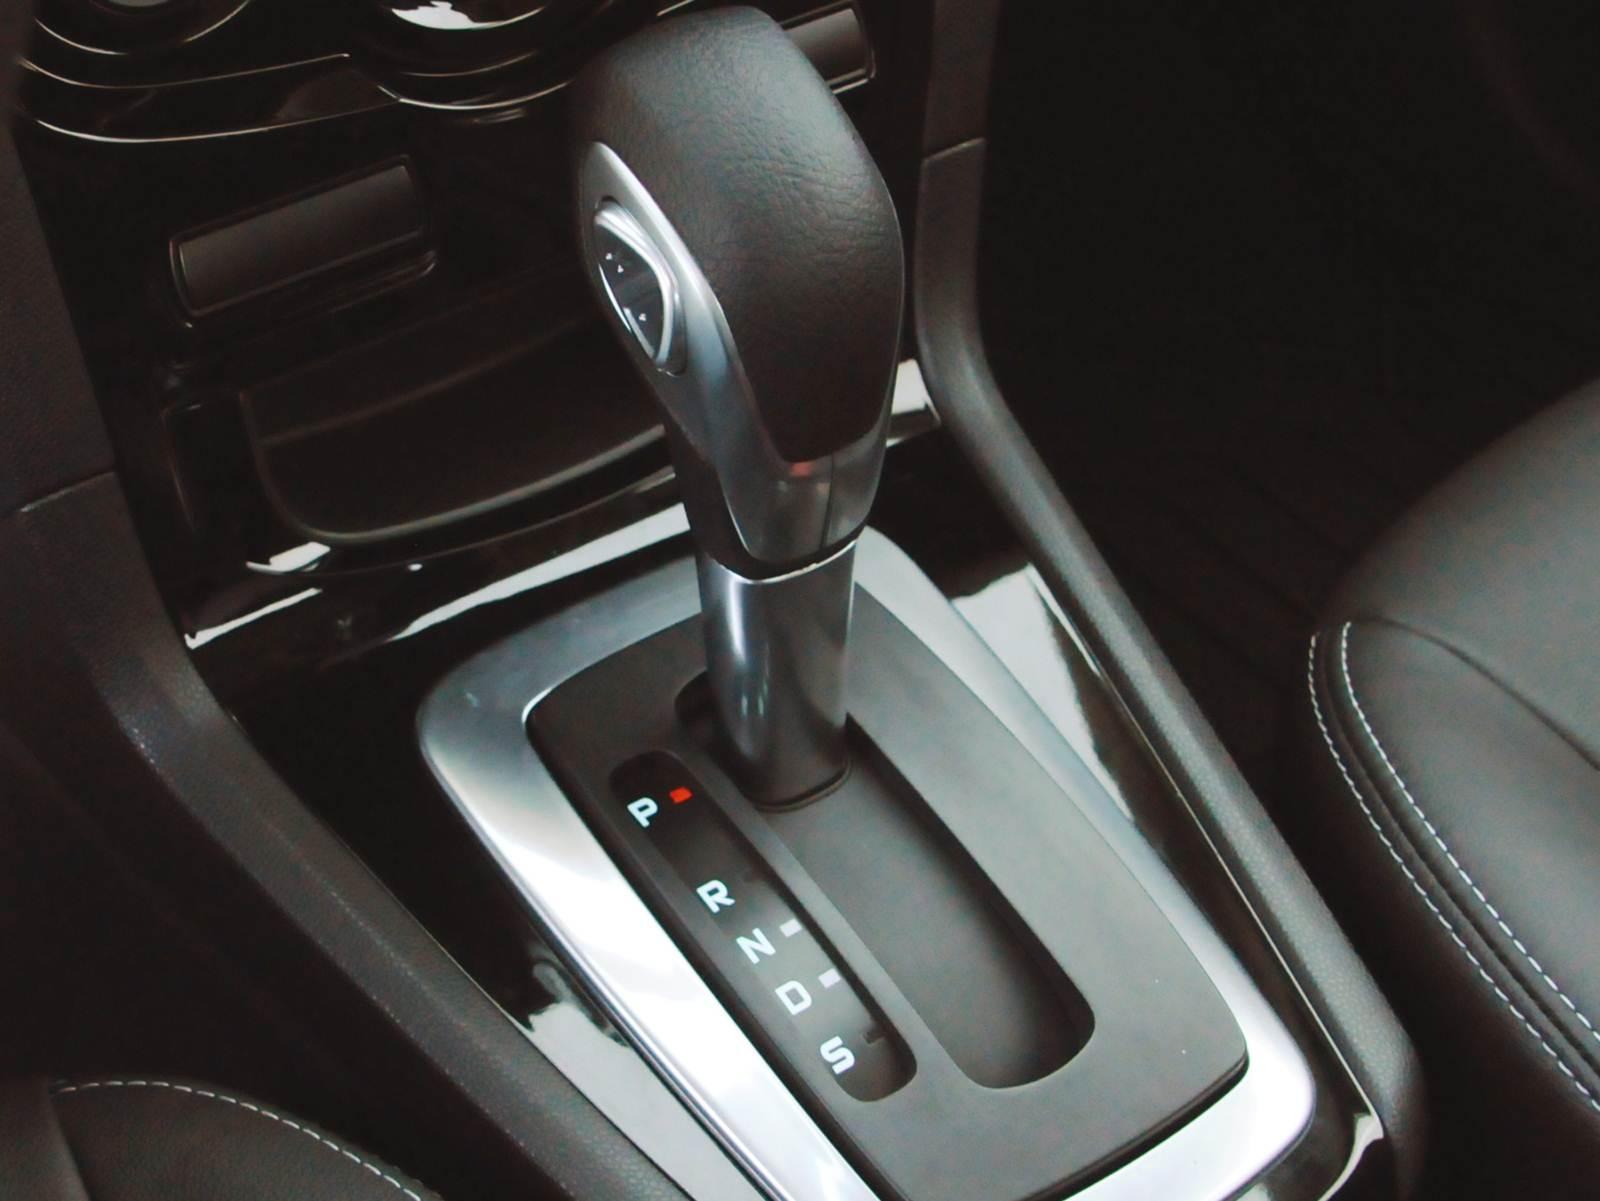 Ford Considera Powershift Evolu 231 227 O Do Autom 225 Tico Car Blog Br